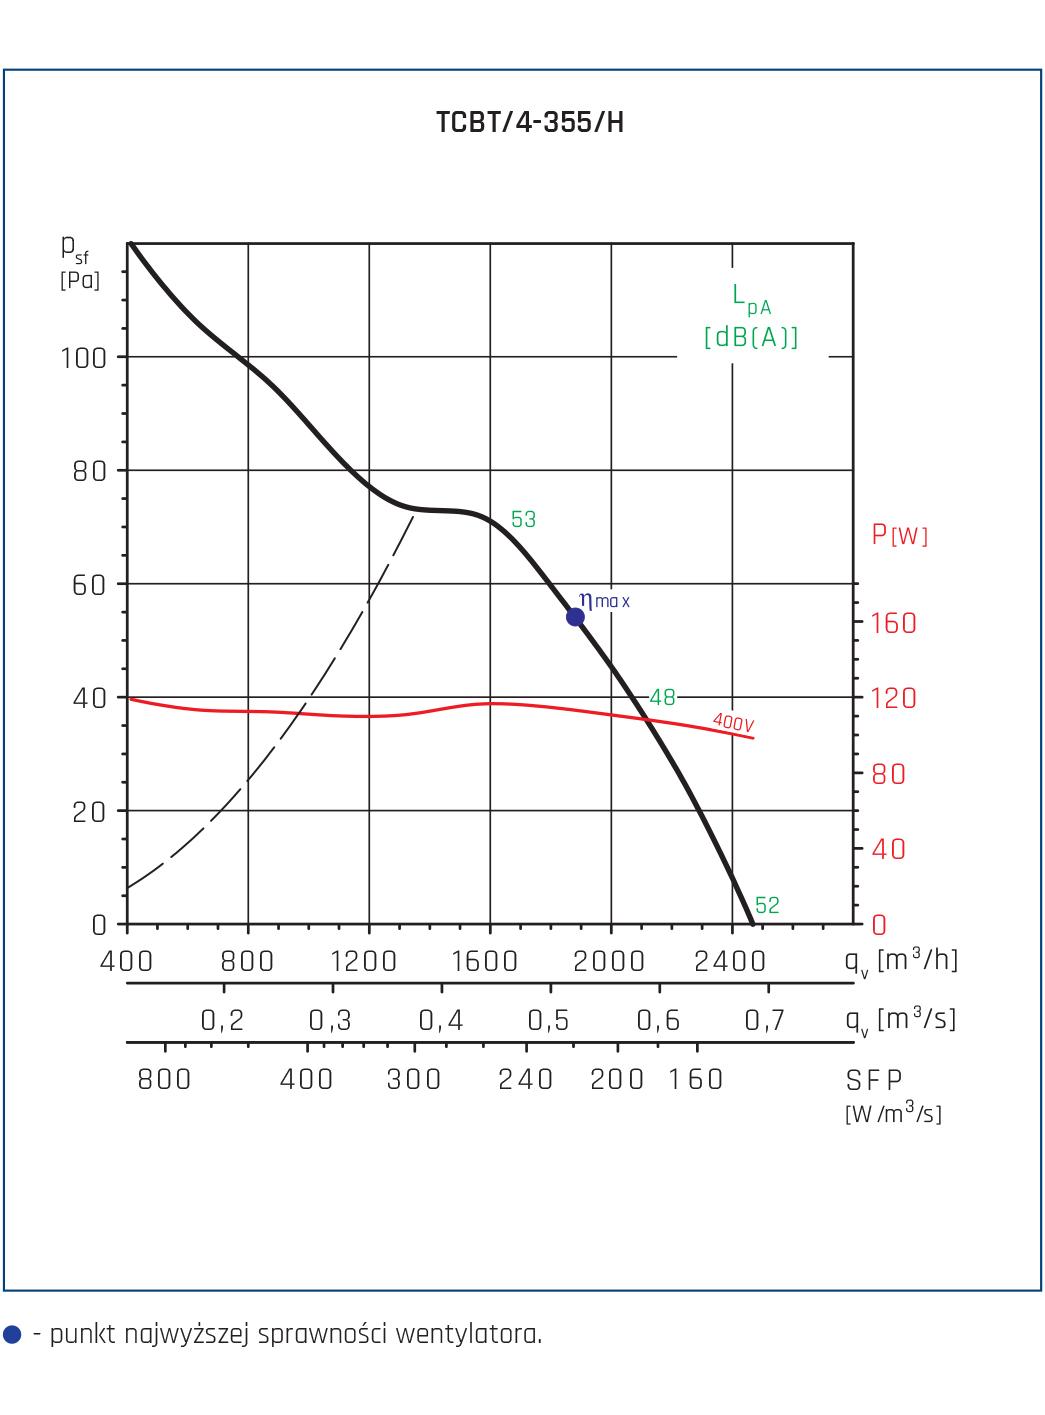 Wentylator Compact TCBB/TCBT 32